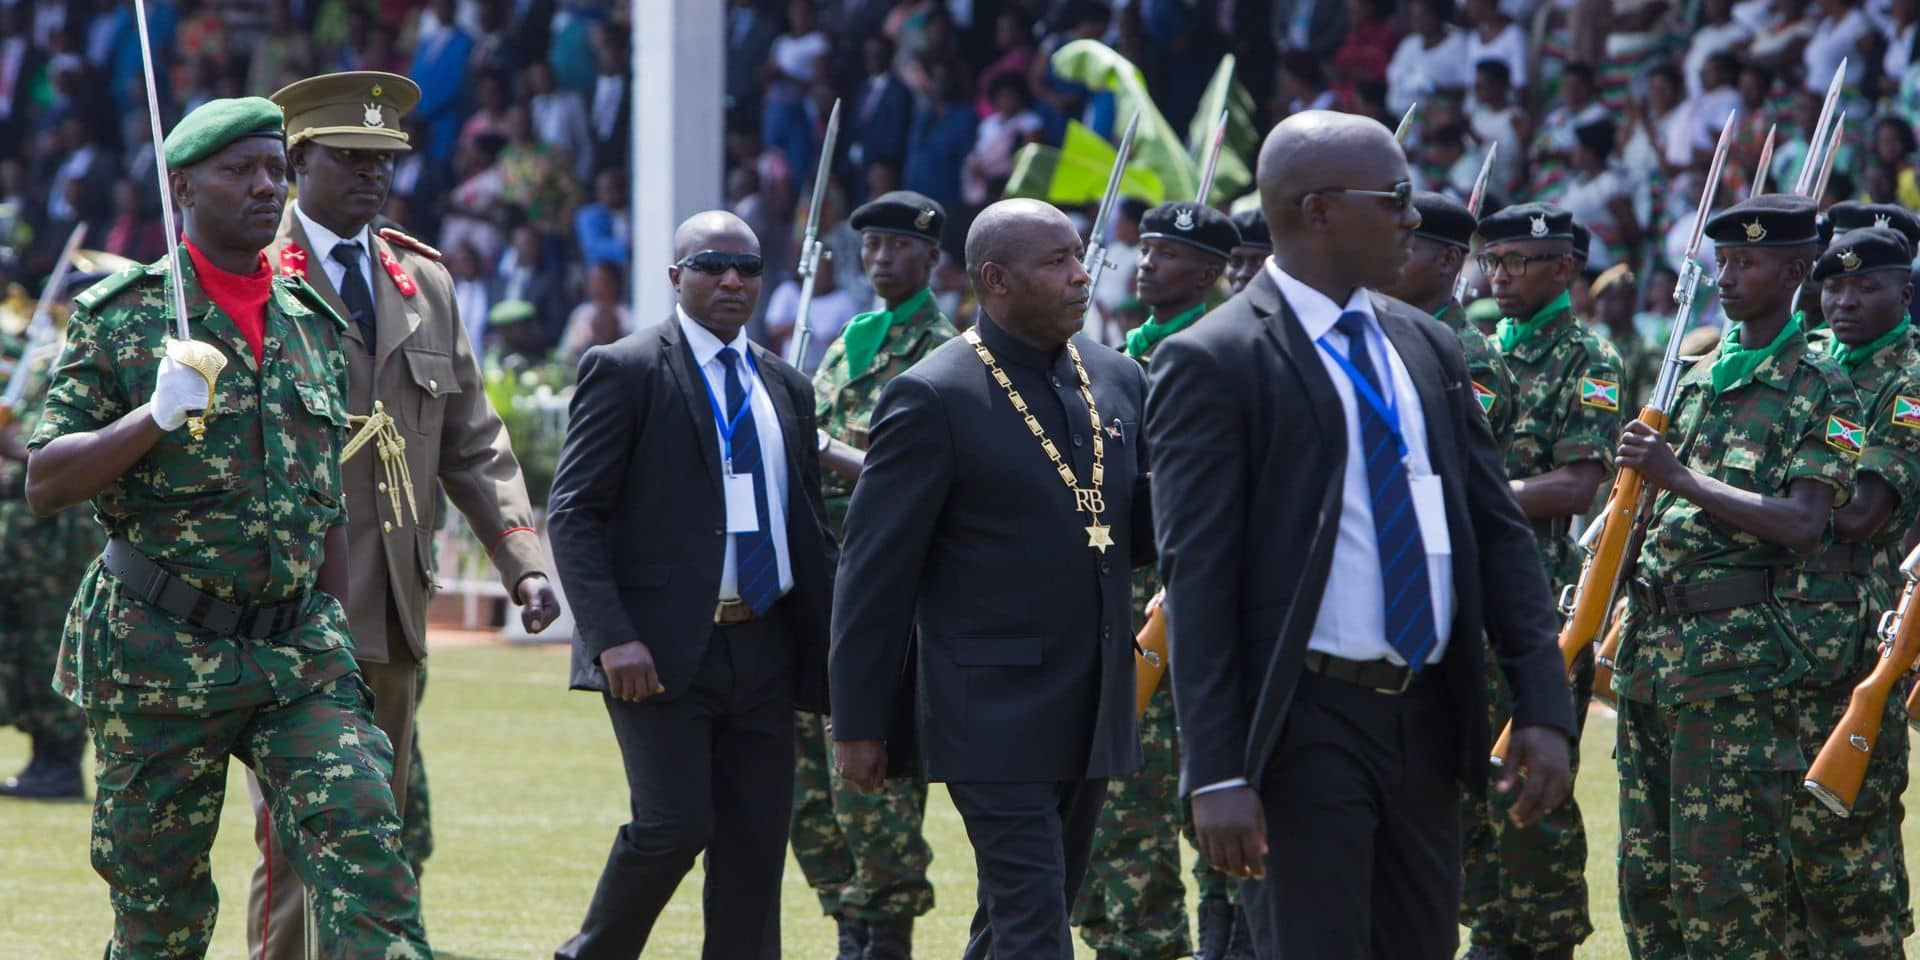 Avec le président Ndayishimiye, le Burundi reste dans la même ligne politique désastreuse que son prédécesseur